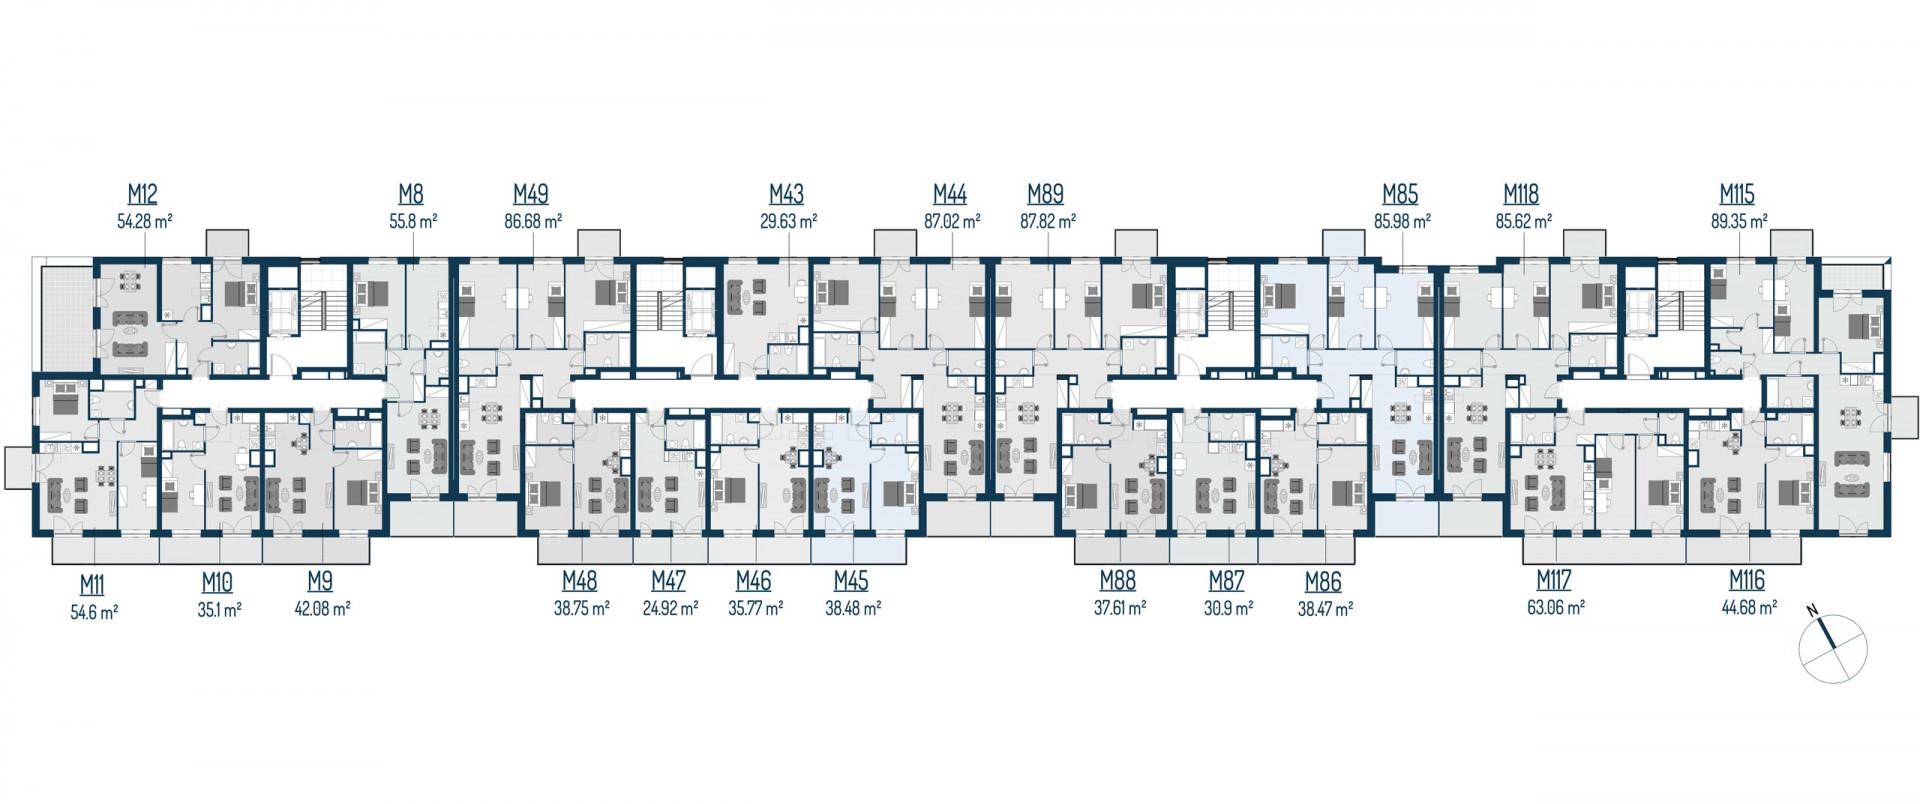 Zdrowe Stylove / budynek 2 / mieszkanie nr 85 rzut 2